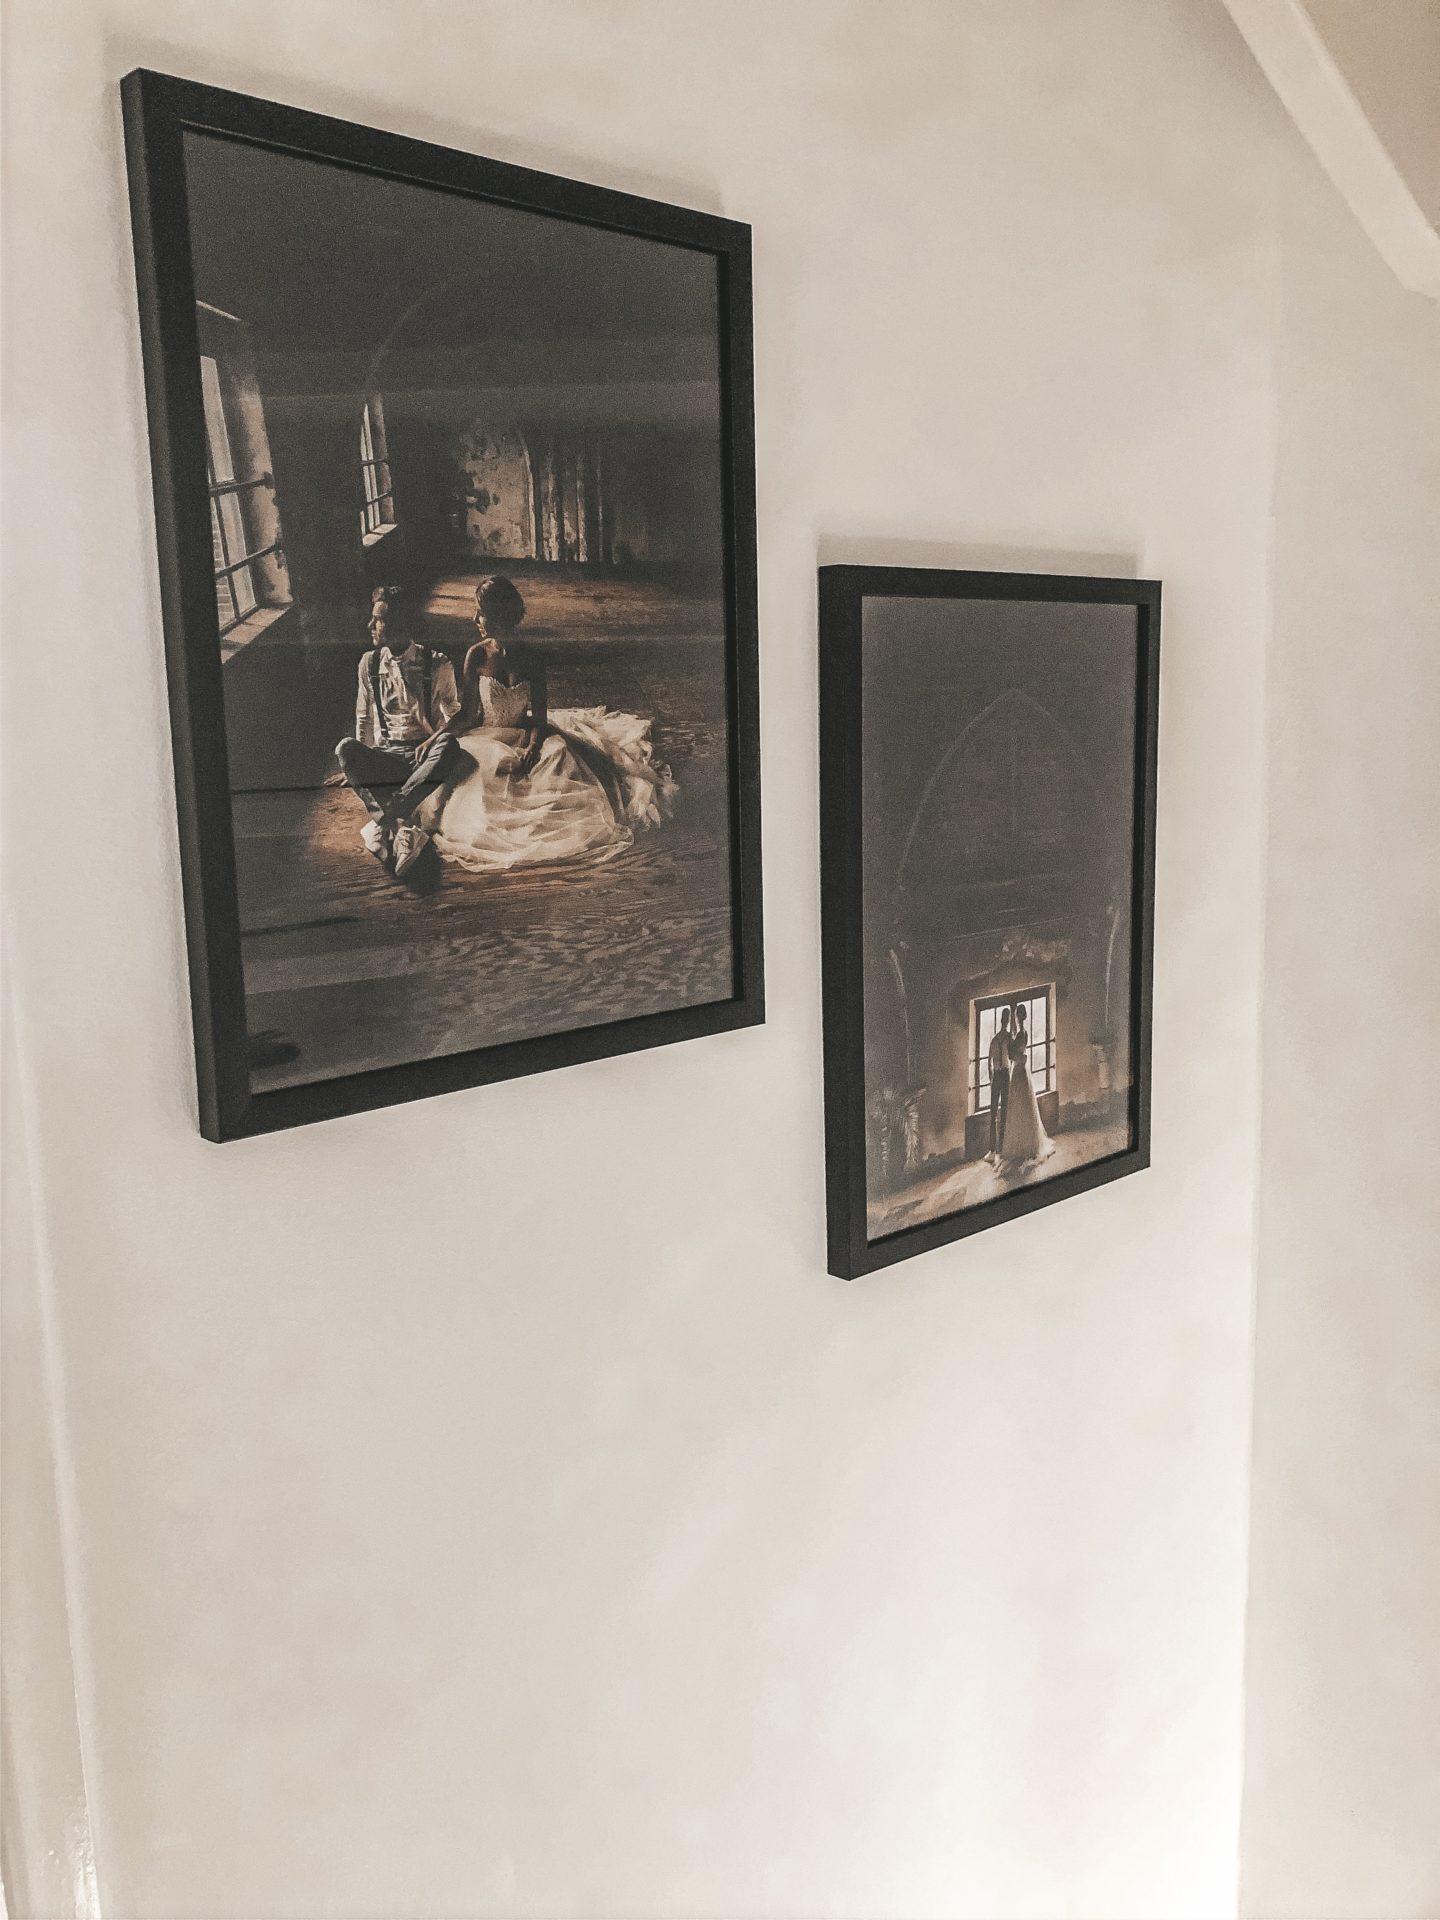 Trouwfoto's plaatsen in je huis